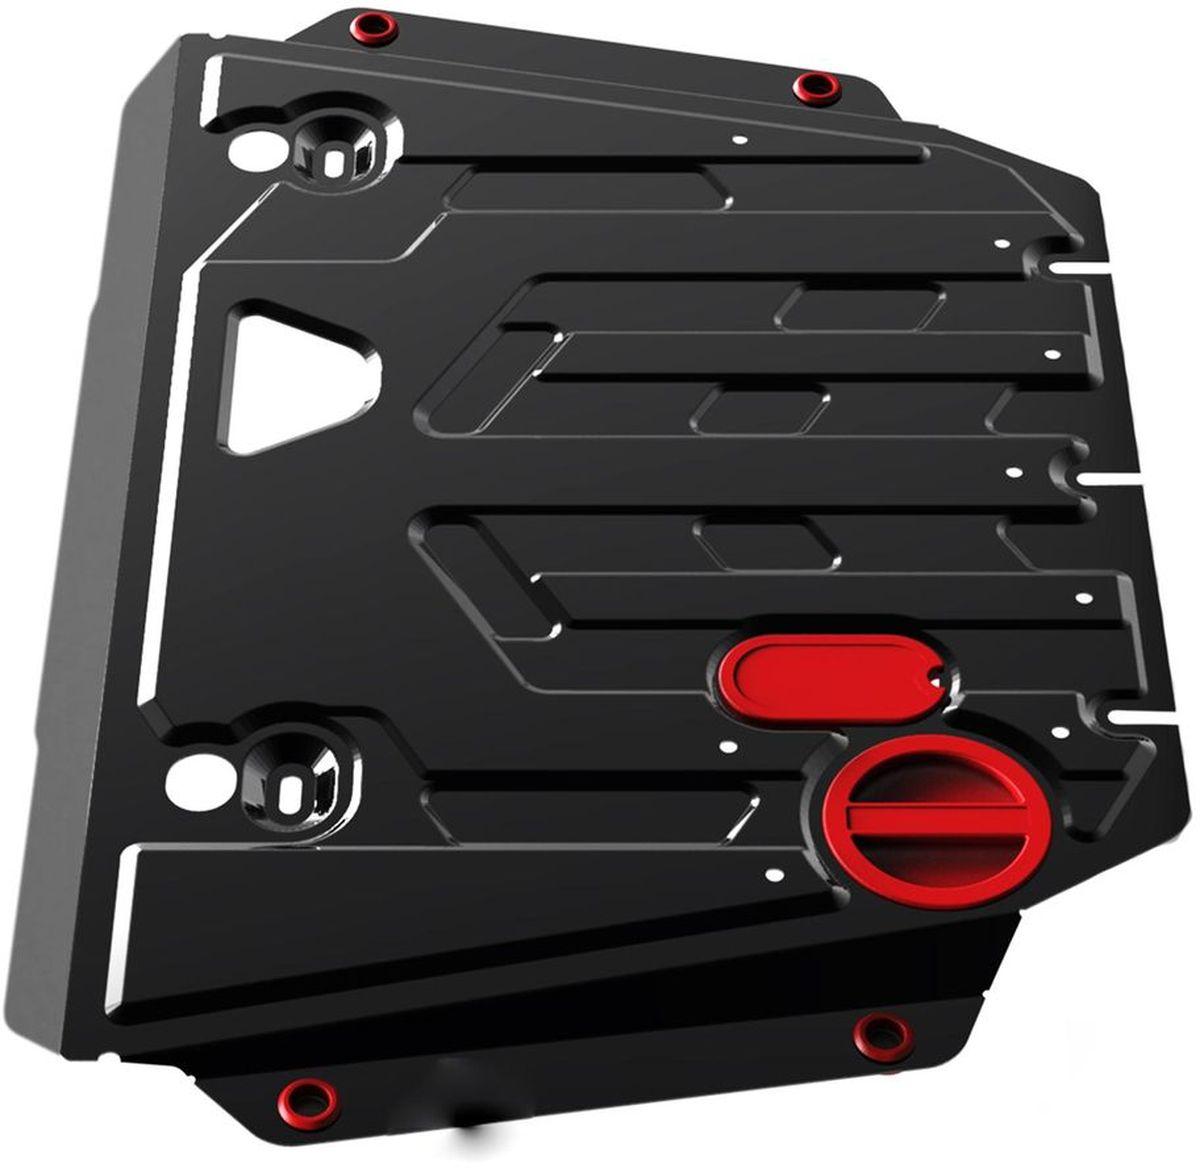 Защита картера и КПП Автоброня, для Honda CR-V, V - 2,0i (2012) Honda CR-V, V - 2,0i (2012)5104Технологически совершенный продукт за невысокую стоимость.Защита разработана с учетом особенностей днища автомобиля, что позволяет сохранить дорожный просвет с минимальным изменением.Защита устанавливается в штатные места кузова автомобиля. Глубокий штамп обеспечивает до двух раз больше жесткости в сравнении с обычной защитой той же толщины. Проштампованные ребра жесткости препятствуют деформации защиты при ударах.Тепловой зазор и вентиляционные отверстия обеспечивают сохранение температурного режима двигателя в норме. Скрытый крепеж предотвращает срыв крепежных элементов при наезде на препятствие.Шумопоглощающие резиновые элементы обеспечивают комфортную езду без вибраций и скрежета металла, а съемные лючки для слива масла и замены фильтра - экономию средств и время.Конструкция изделия не влияет на пассивную безопасность автомобиля (при ударе защита не воздействует на деформационные зоны кузова). Со штатным крепежом. В комплекте инструкция по установке.Толщина стали: 2 мм.Уважаемые клиенты!Обращаем ваше внимание, что элемент защиты имеет форму, соответствующую модели данного автомобиля. Фото служит для визуального восприятия товара и может отличаться от фактического.